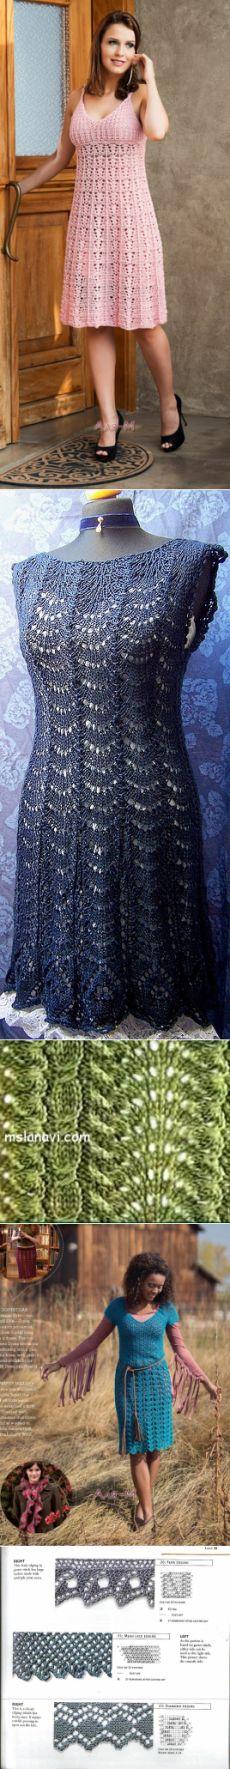 Платье, юбки, сарафаны, костюмы | Записи в рубрике Платье, юбки, сарафаны…